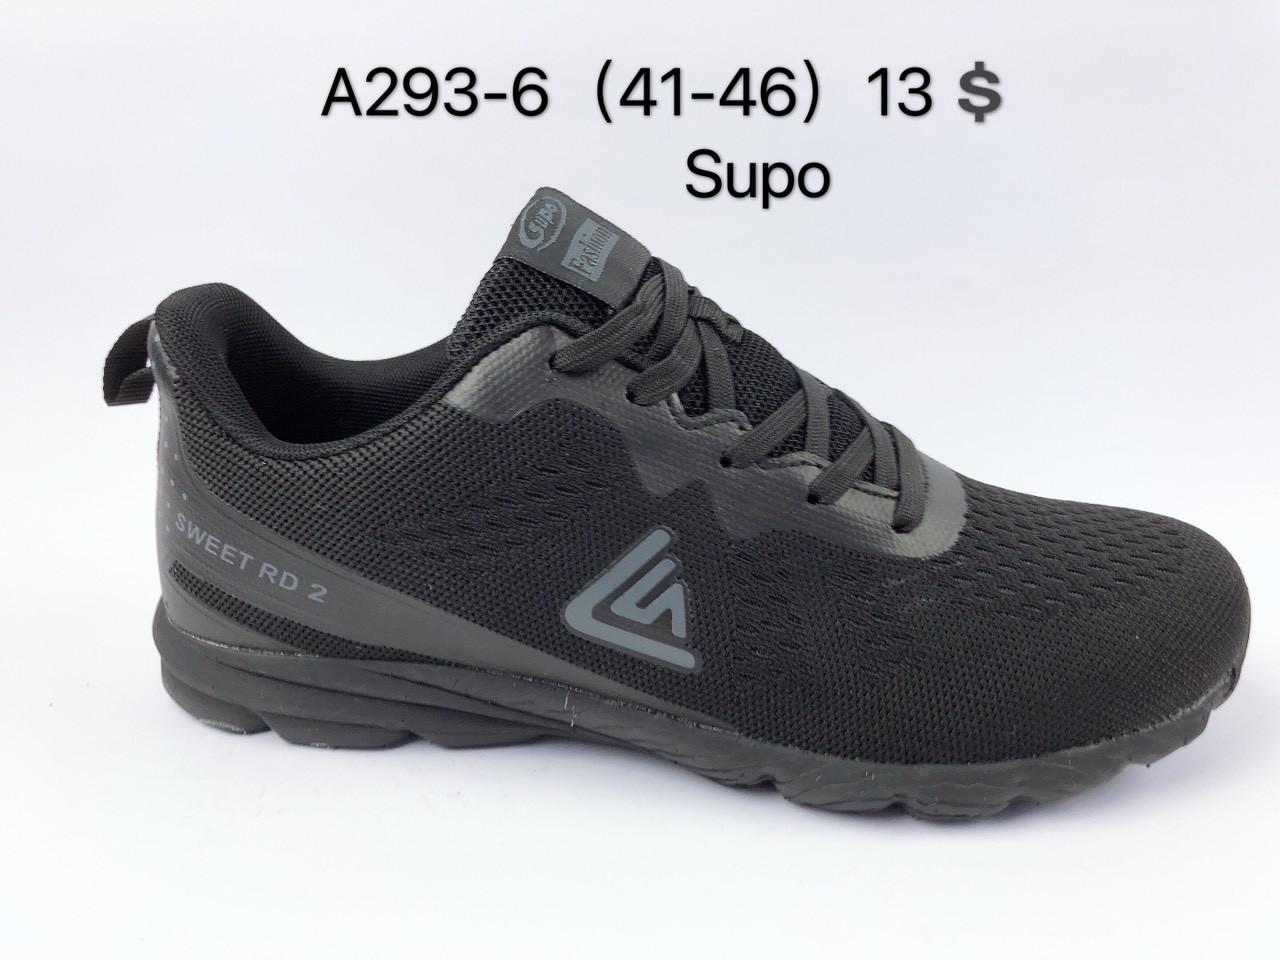 Мужские кроссовки Supo Fashion оптом (41-46)